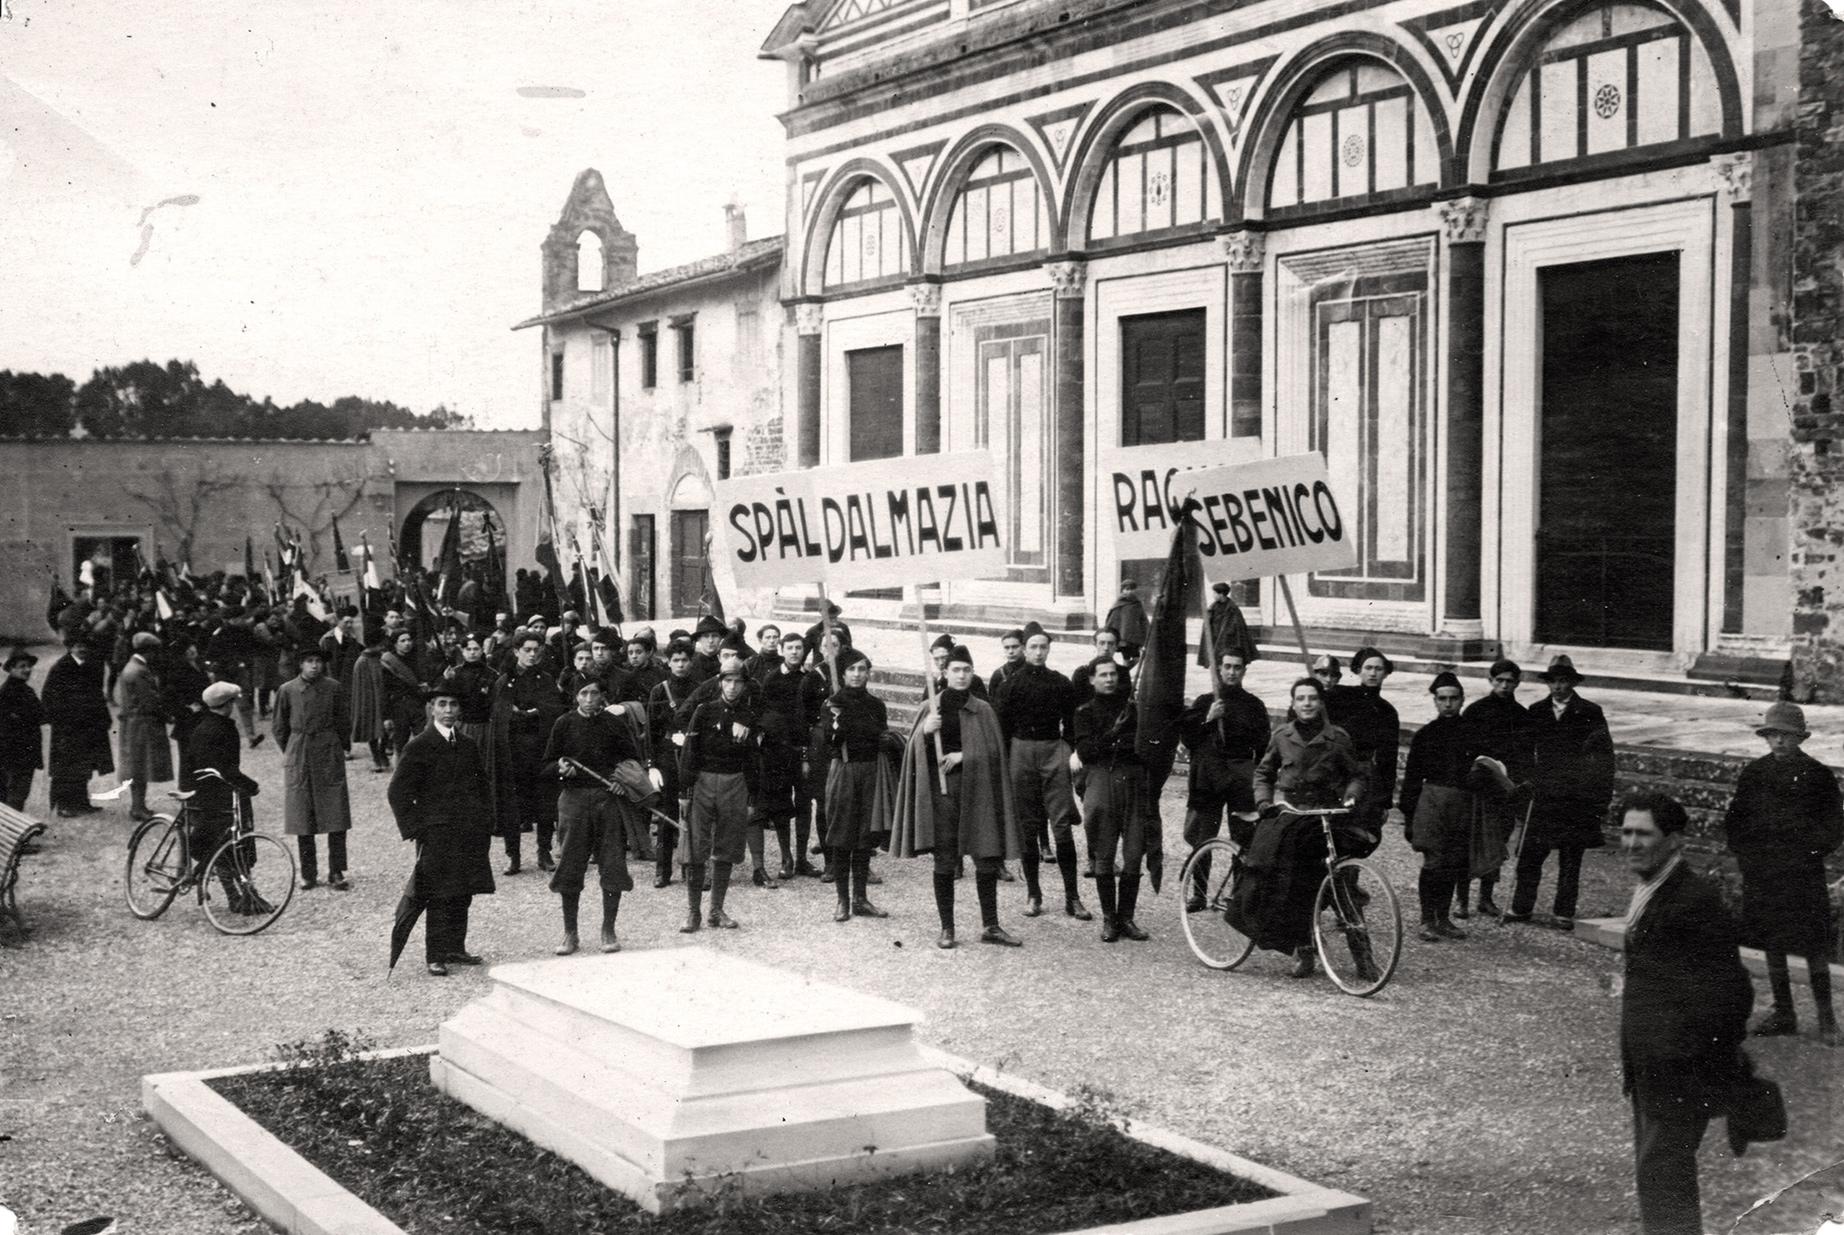 Italijanska Dalmacija : Manifestacija u Italiji 1923. godine (od saradnika: Antonello Razza) HQ